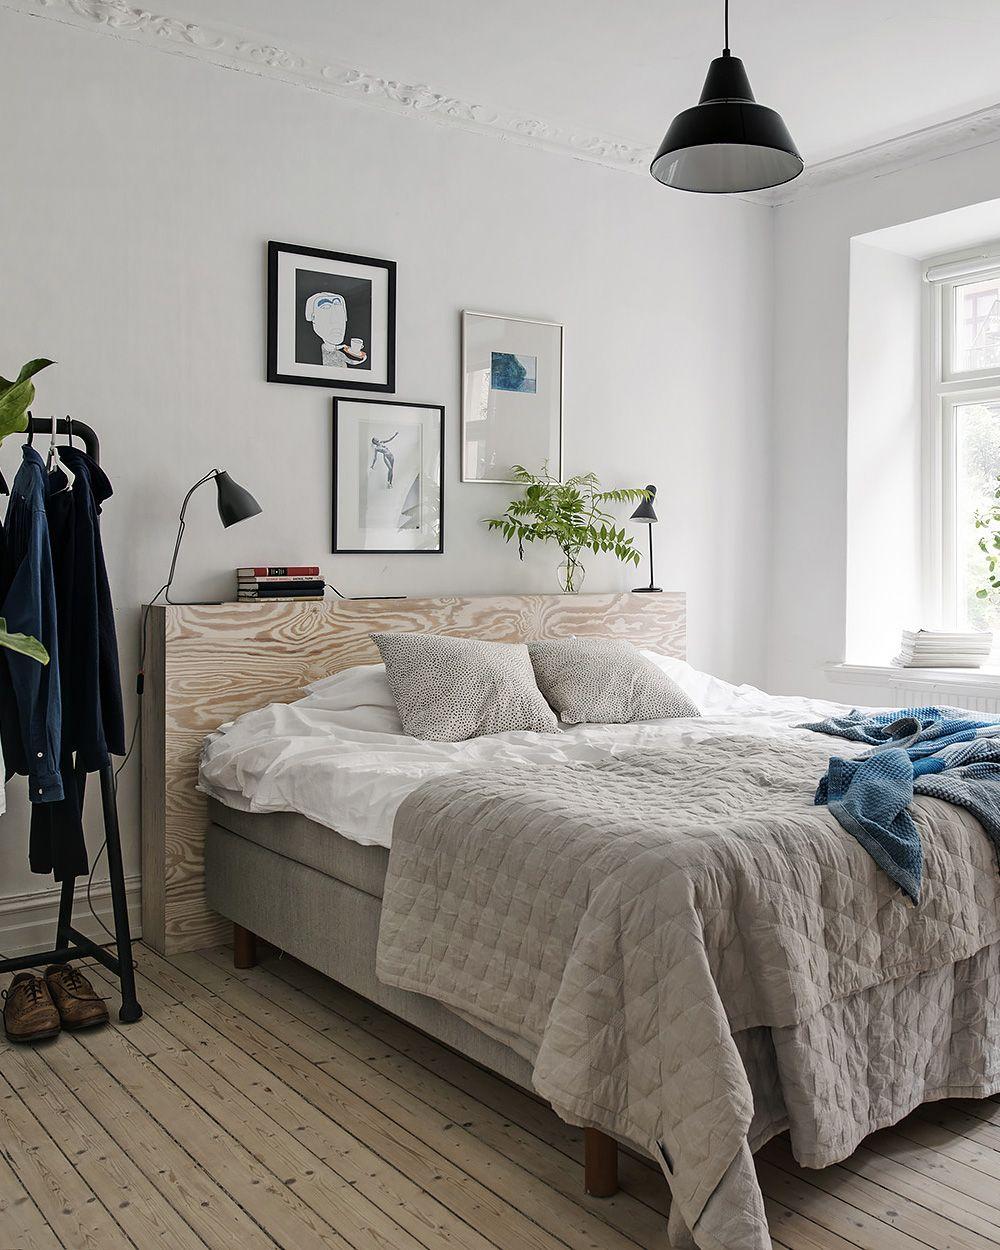 Comment Fabriquer Sa Tete De Lit une décoration rétro vintage | diy tete de lit, chambre diy